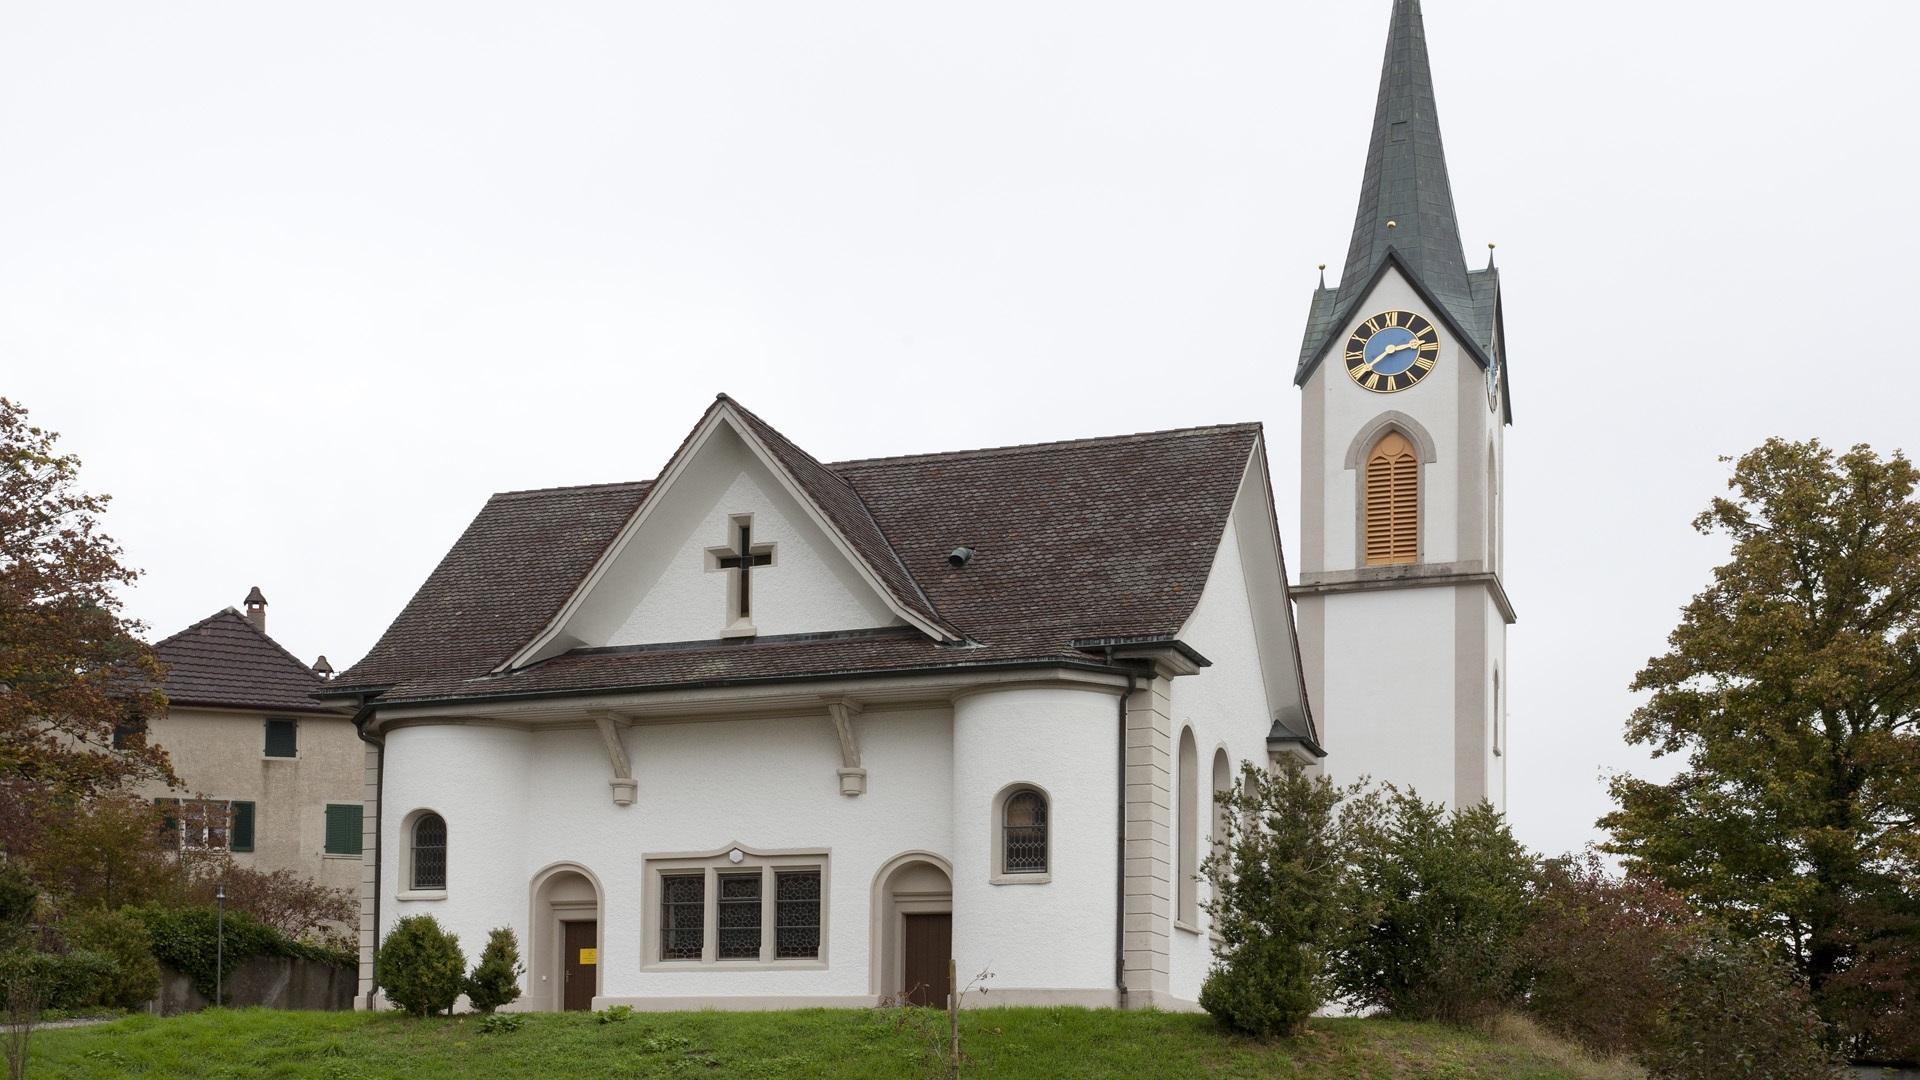 Schneisingen-Siglistorf, St. Nikolaus | © Roger Wehrli